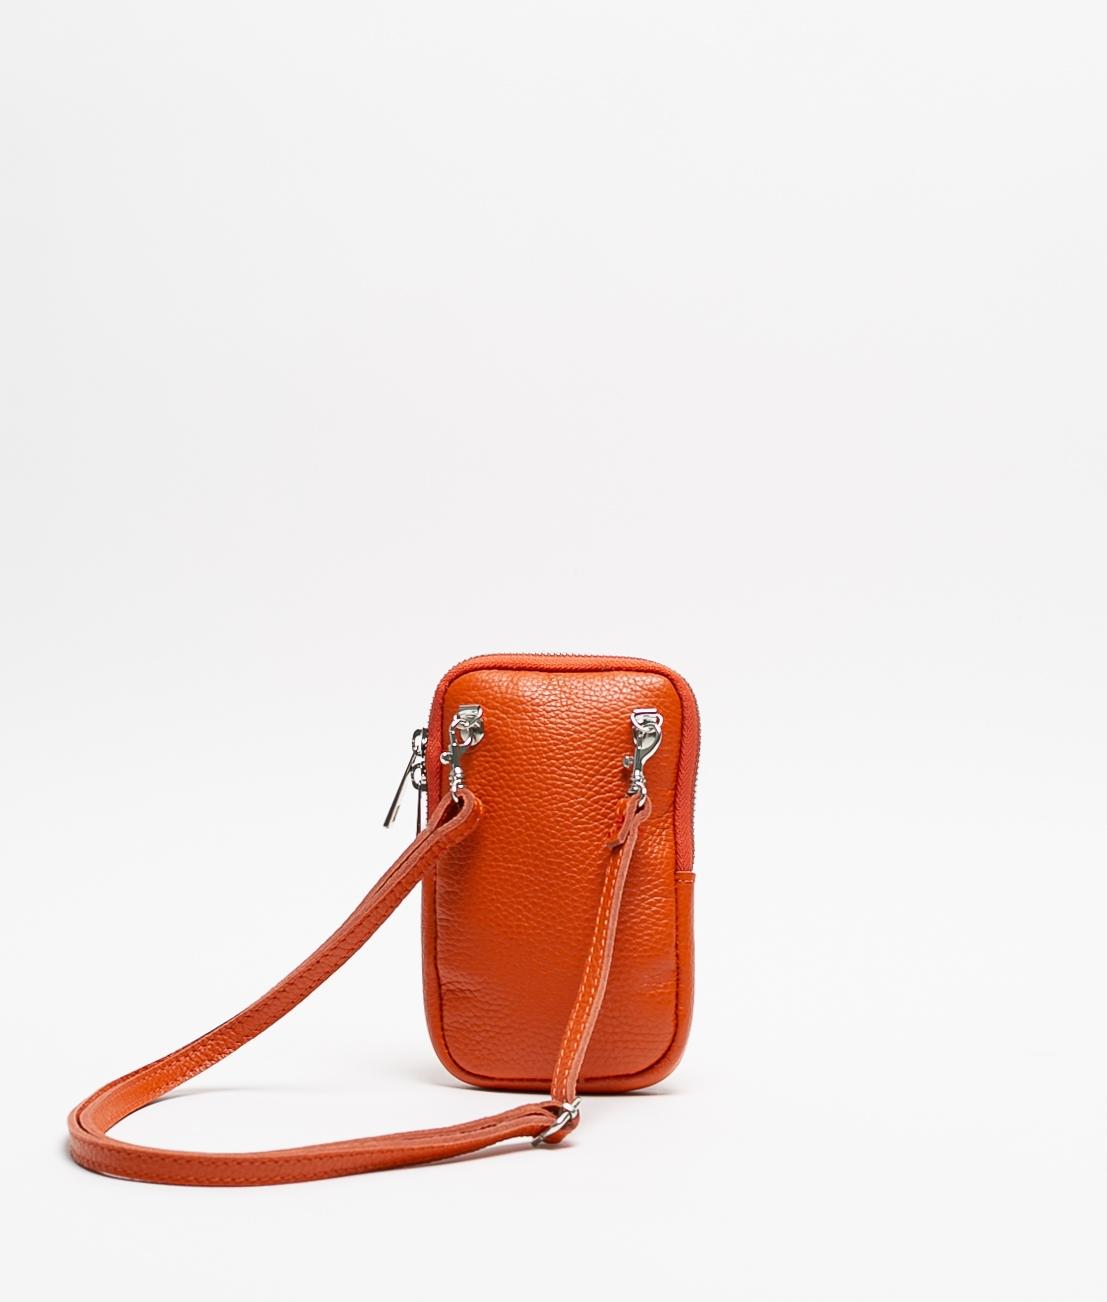 Sac en cuir Ivana - Orange